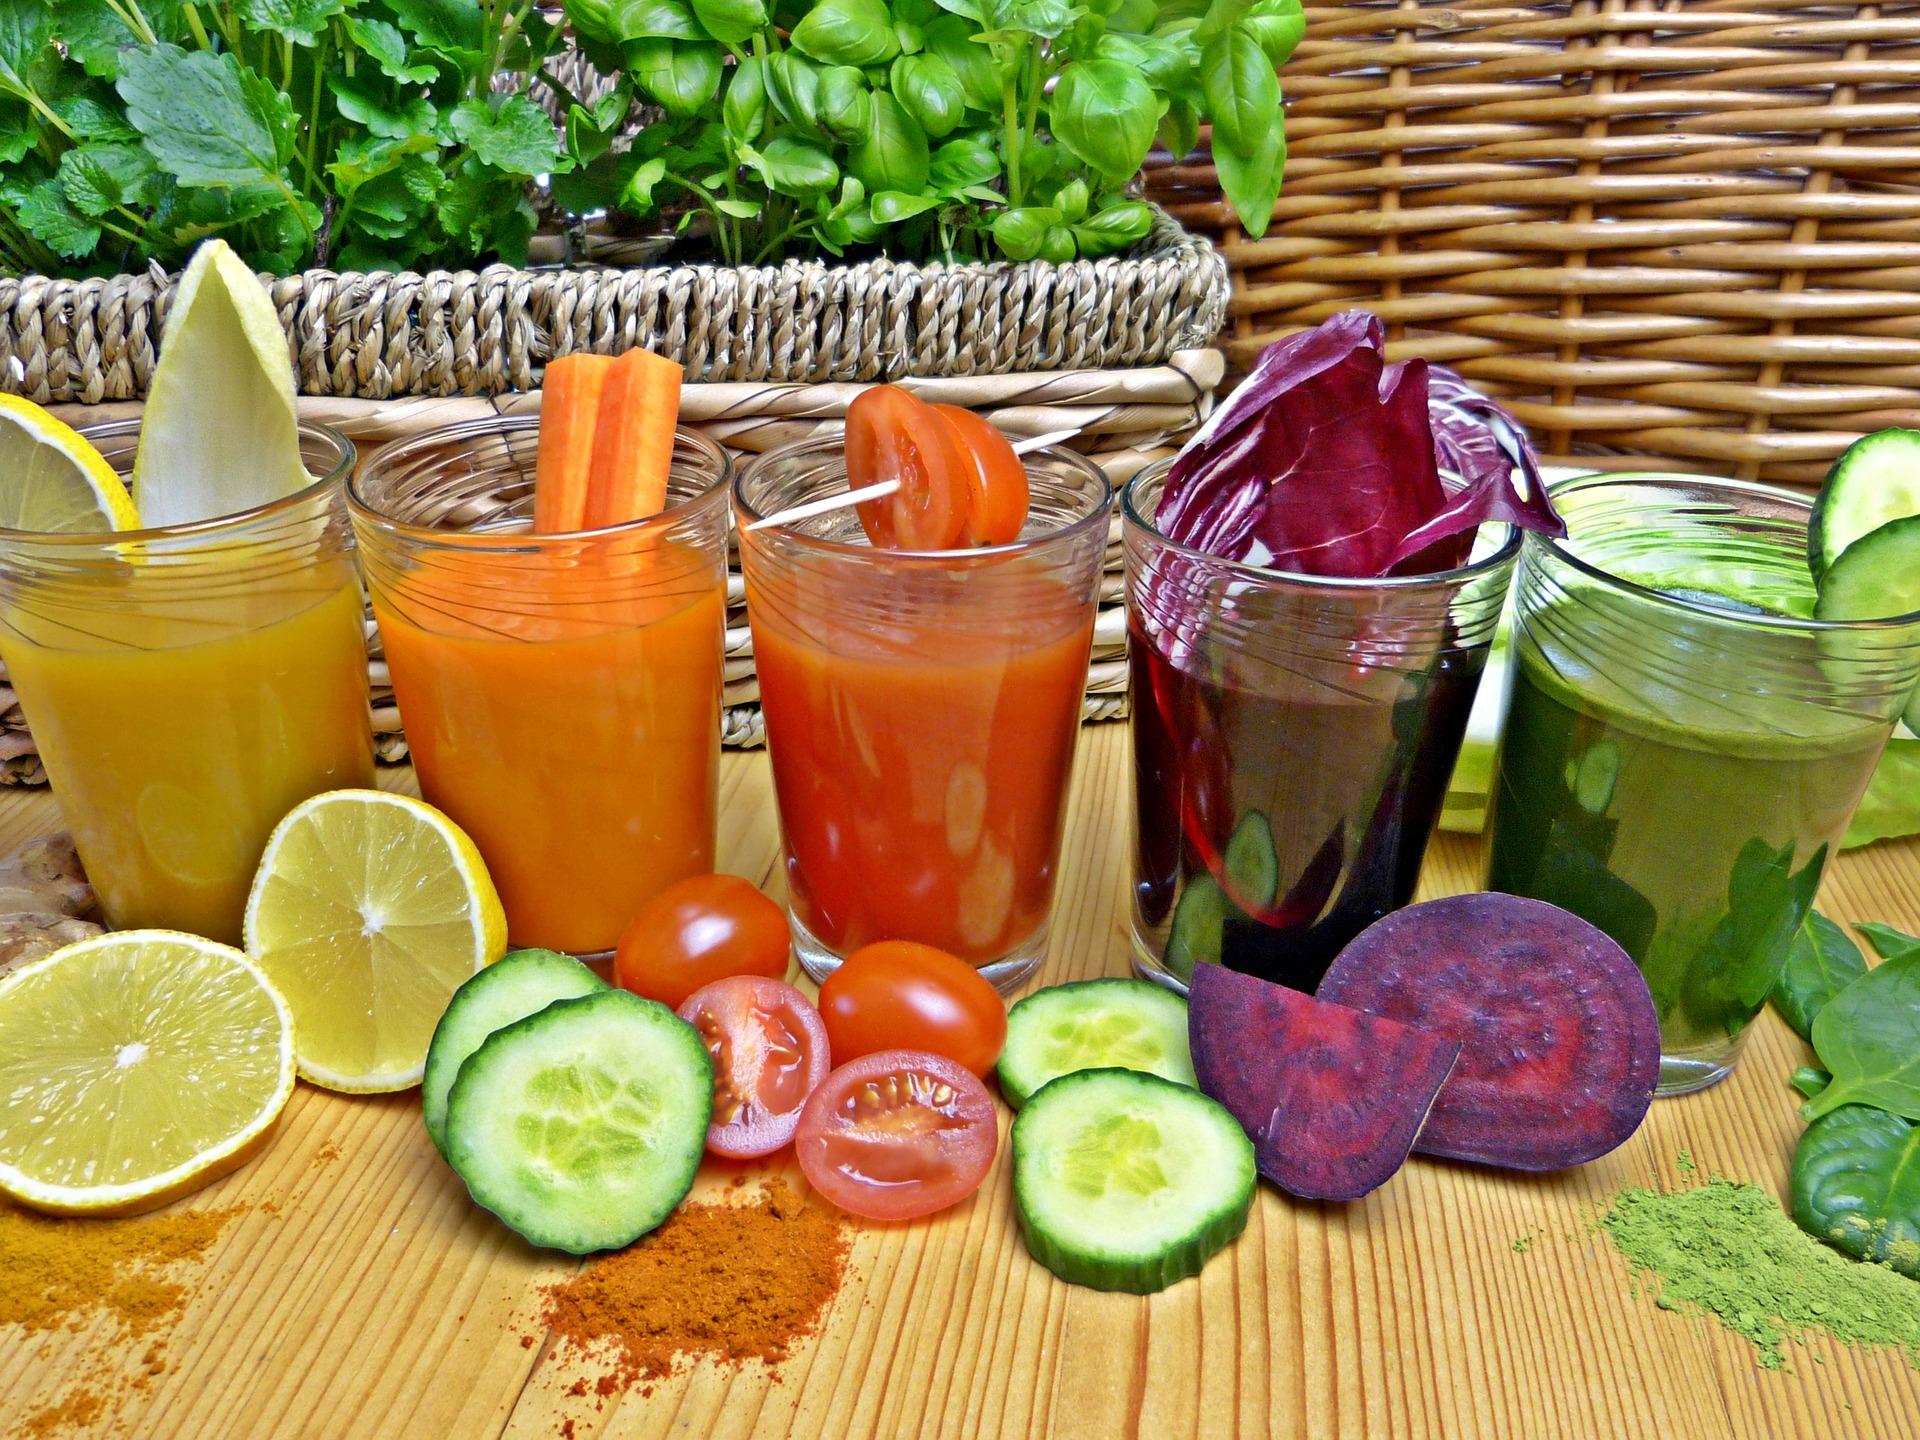 Soki owocowo warzywne - sok z buraka na co